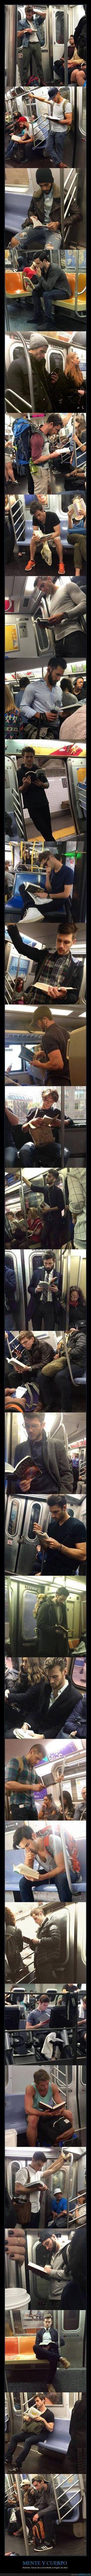 31 tíos buenos e intelectuales, con los que desgraciadamente nunca te has encontrado en el metro - Asúmelo, nunca vas a encontrarte a ninguno de ellos